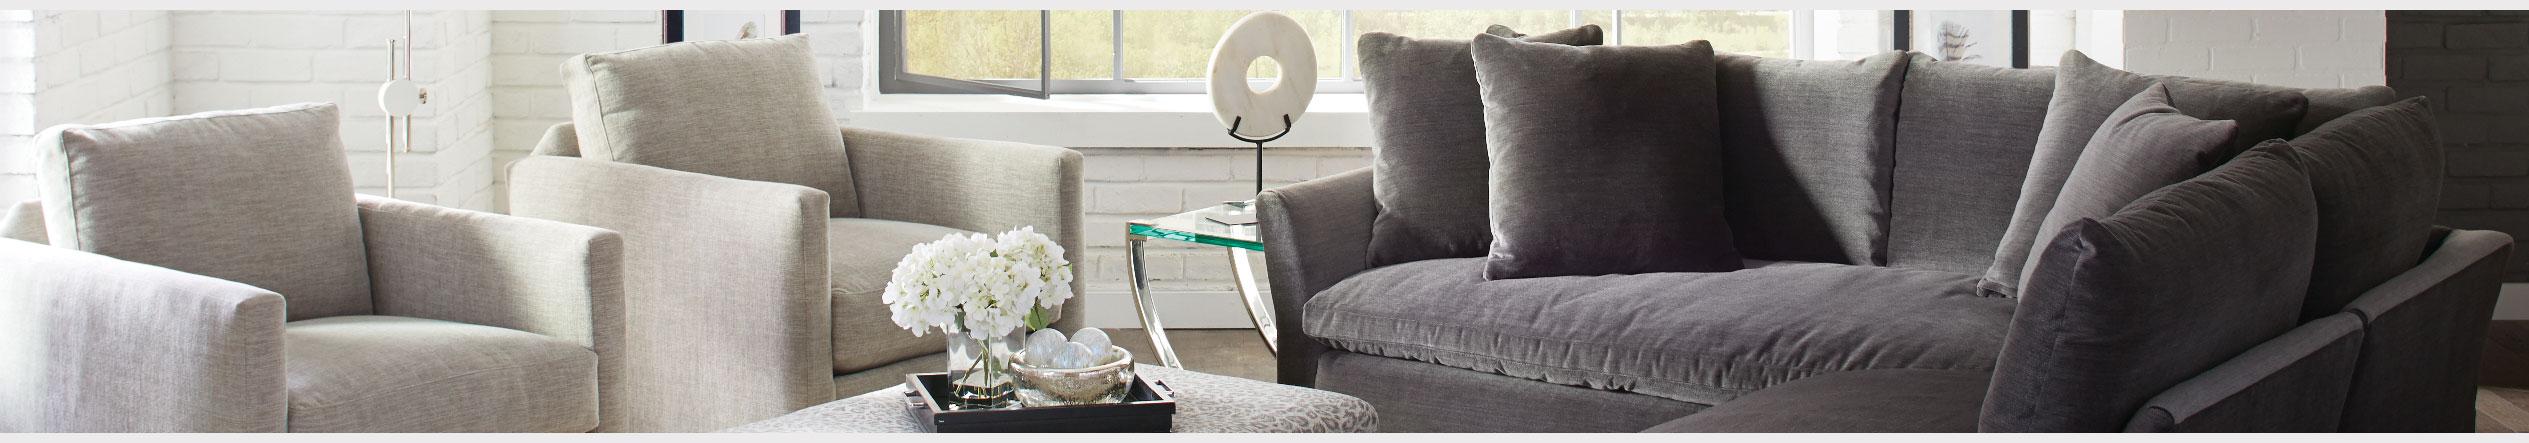 Design Tools at Jordan's Furniture stores in CT, MA, NH, and RI